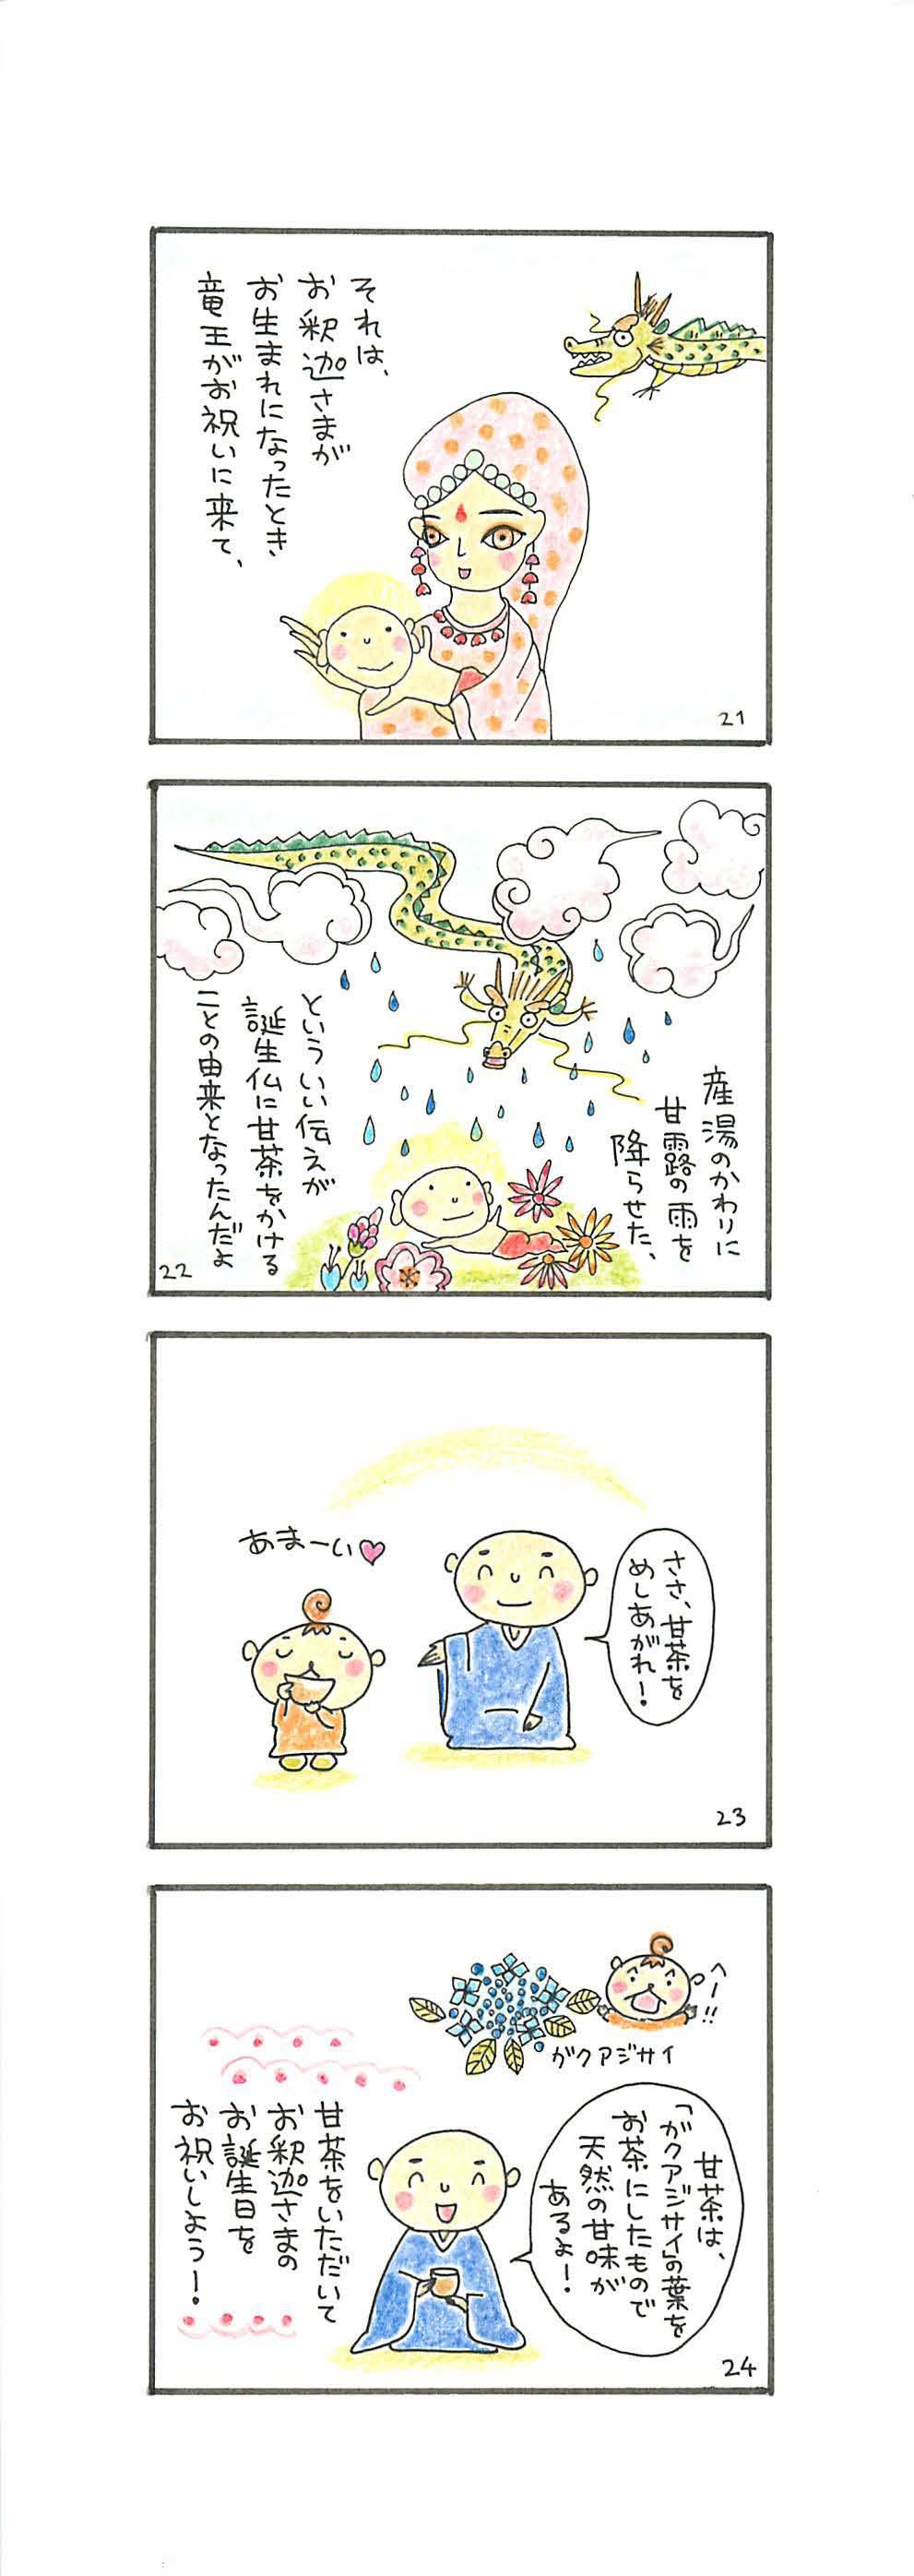 降誕会漫画薫明花まつり_ページ_6